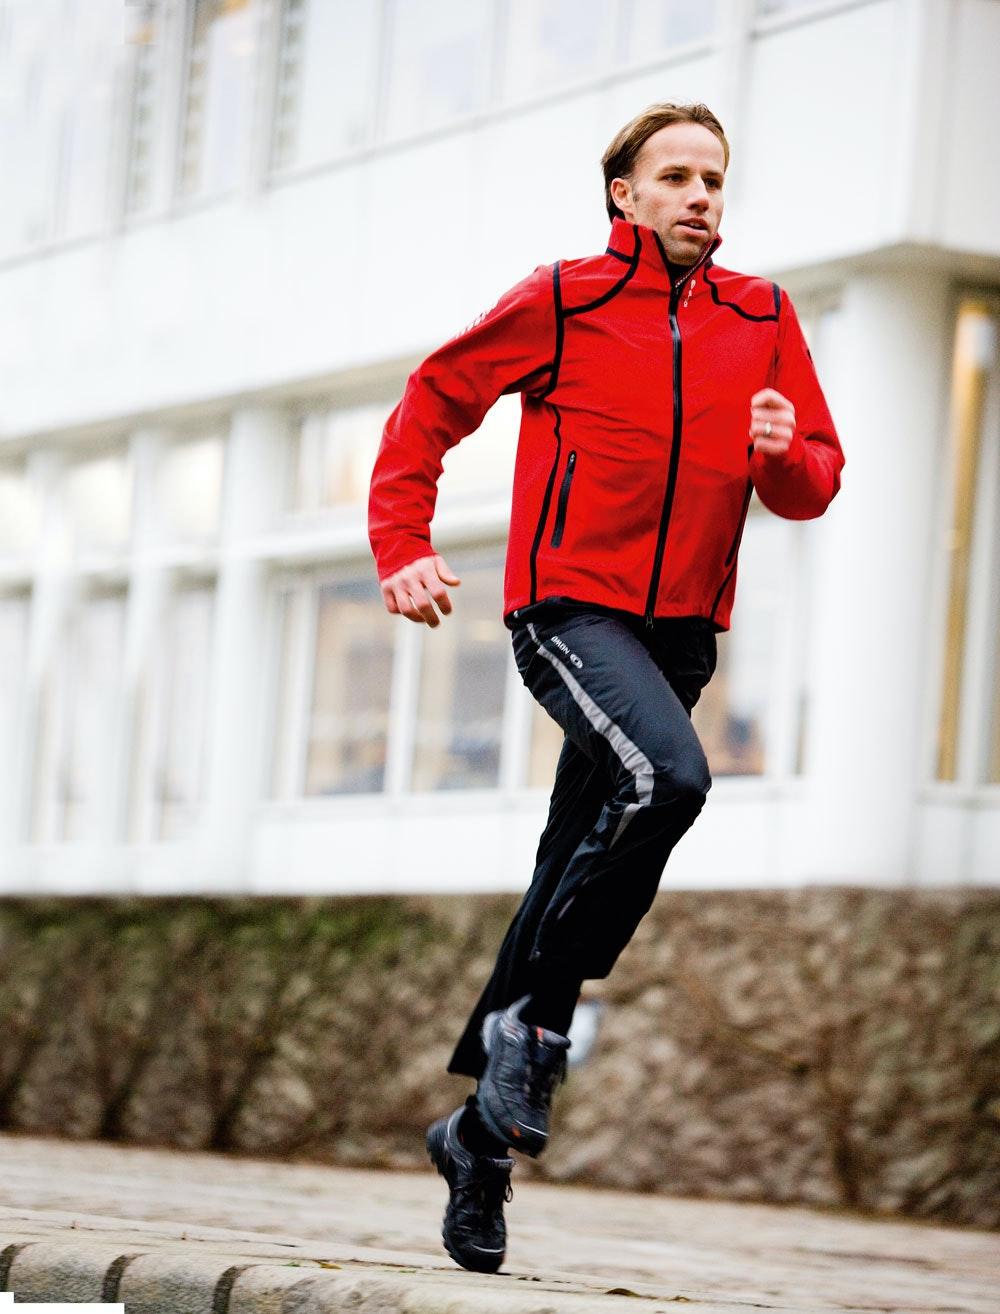 ont i kroppen efter träning